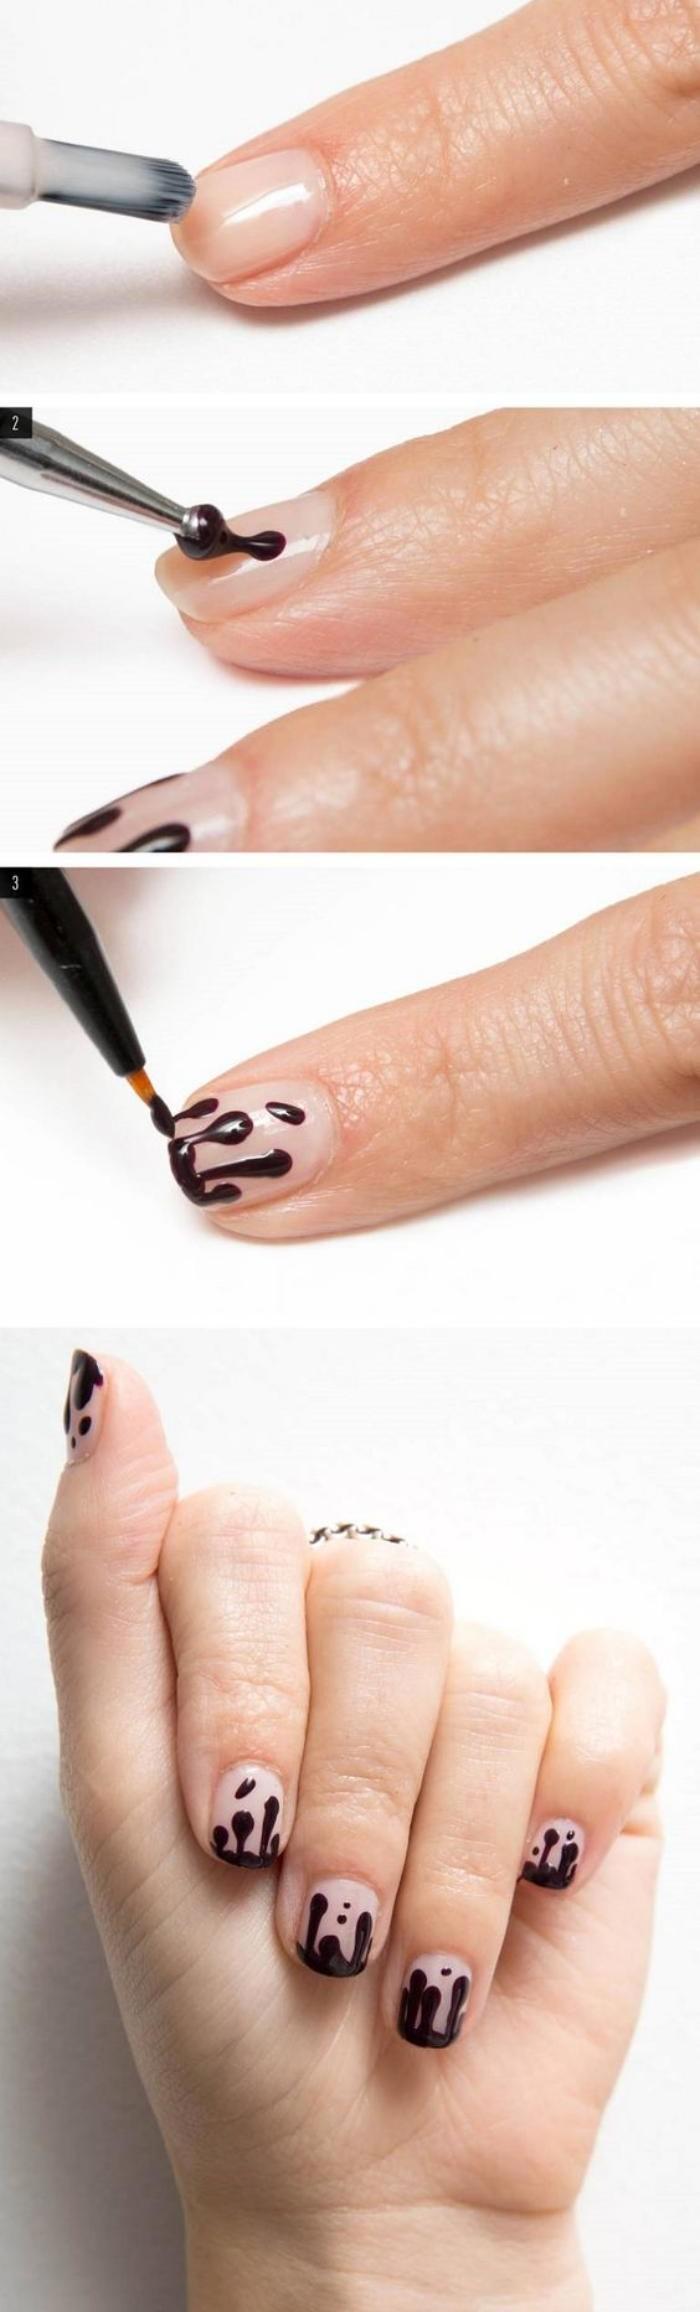 French Manucure Originale dedans la manucure en couleur nude - idées originales pour votre nail art